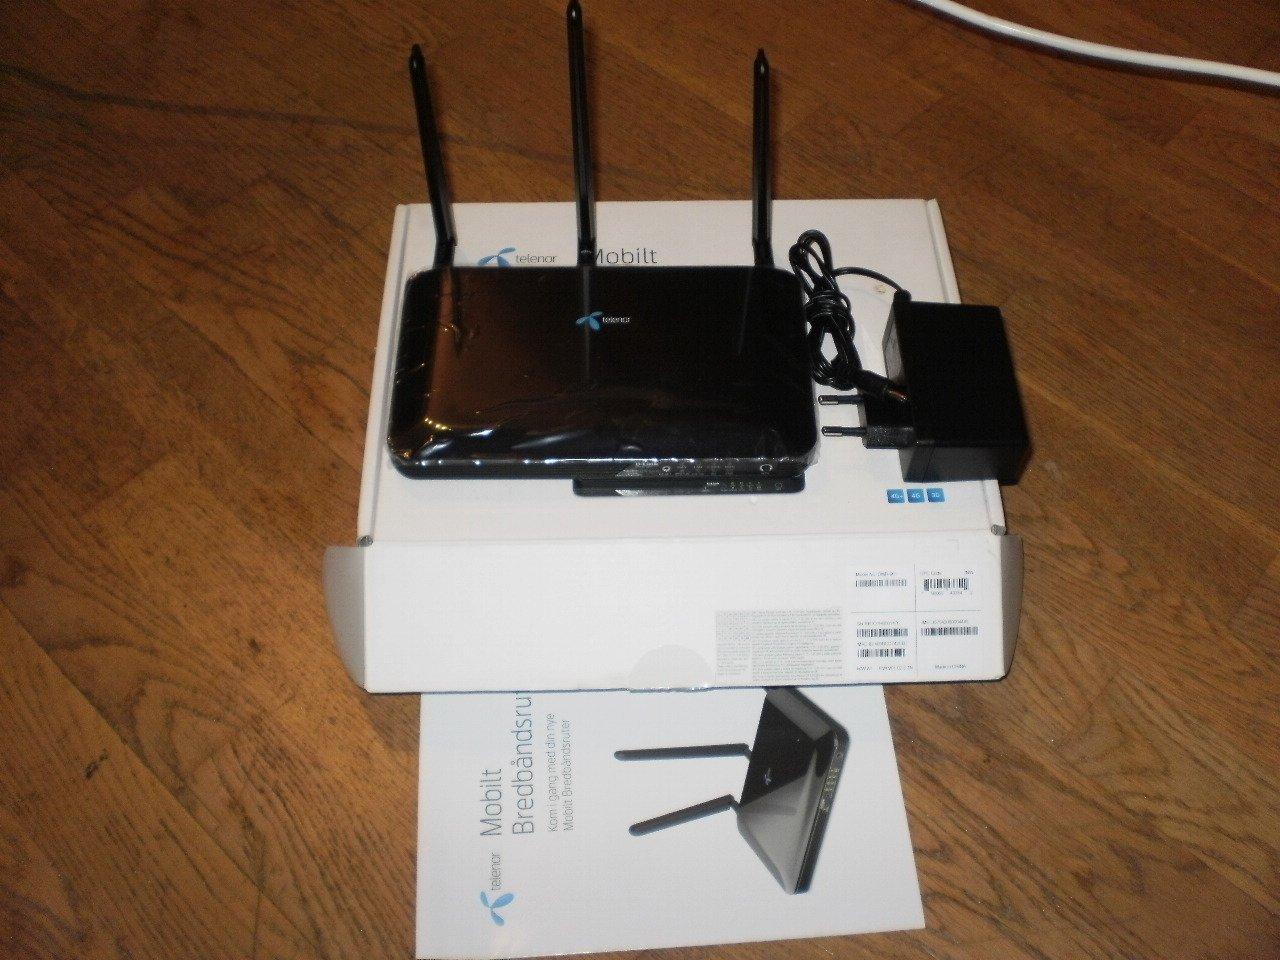 D-LINK DWR-961 3G/4G MOBIL BREDBAND TELENOR(D-L   (360639635